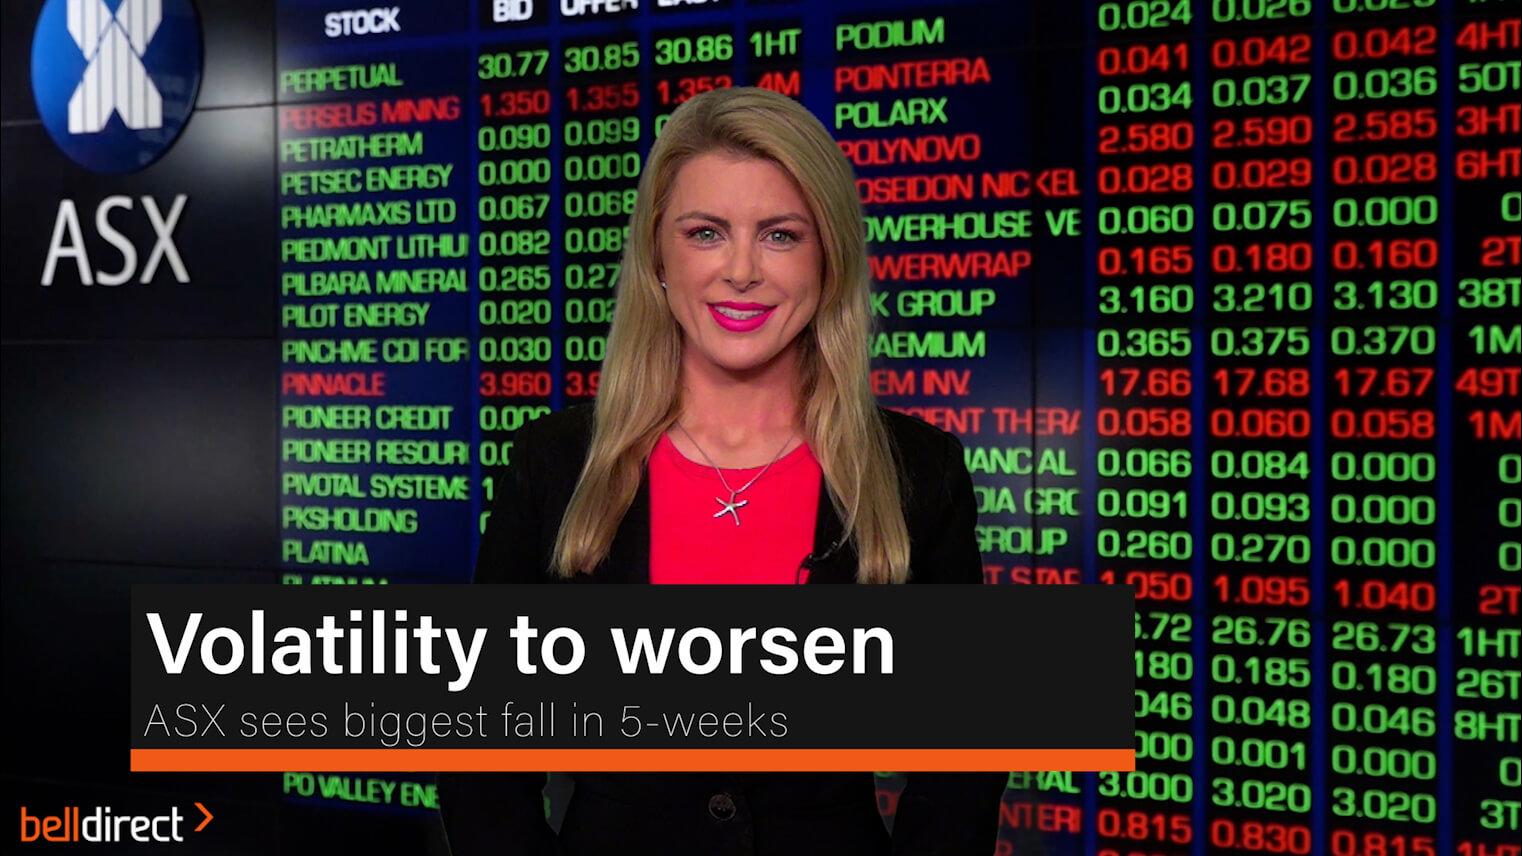 Volatility to worsen